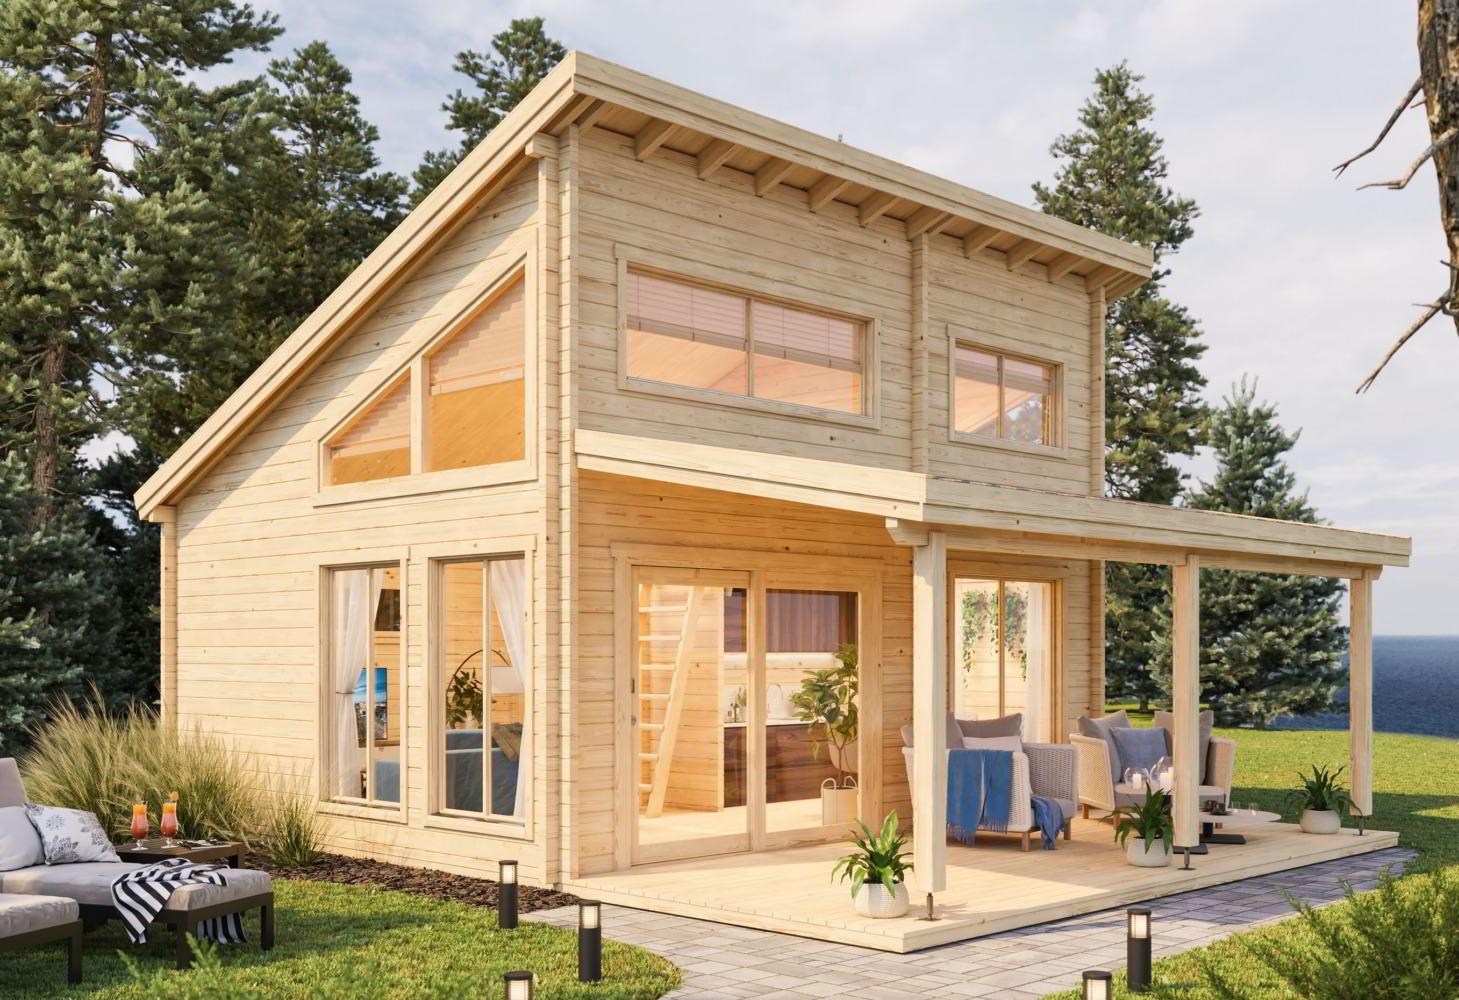 Quanto Costa Una Casa Prefabbricata Finita prezzi case in legno – case prefabbricate in legno